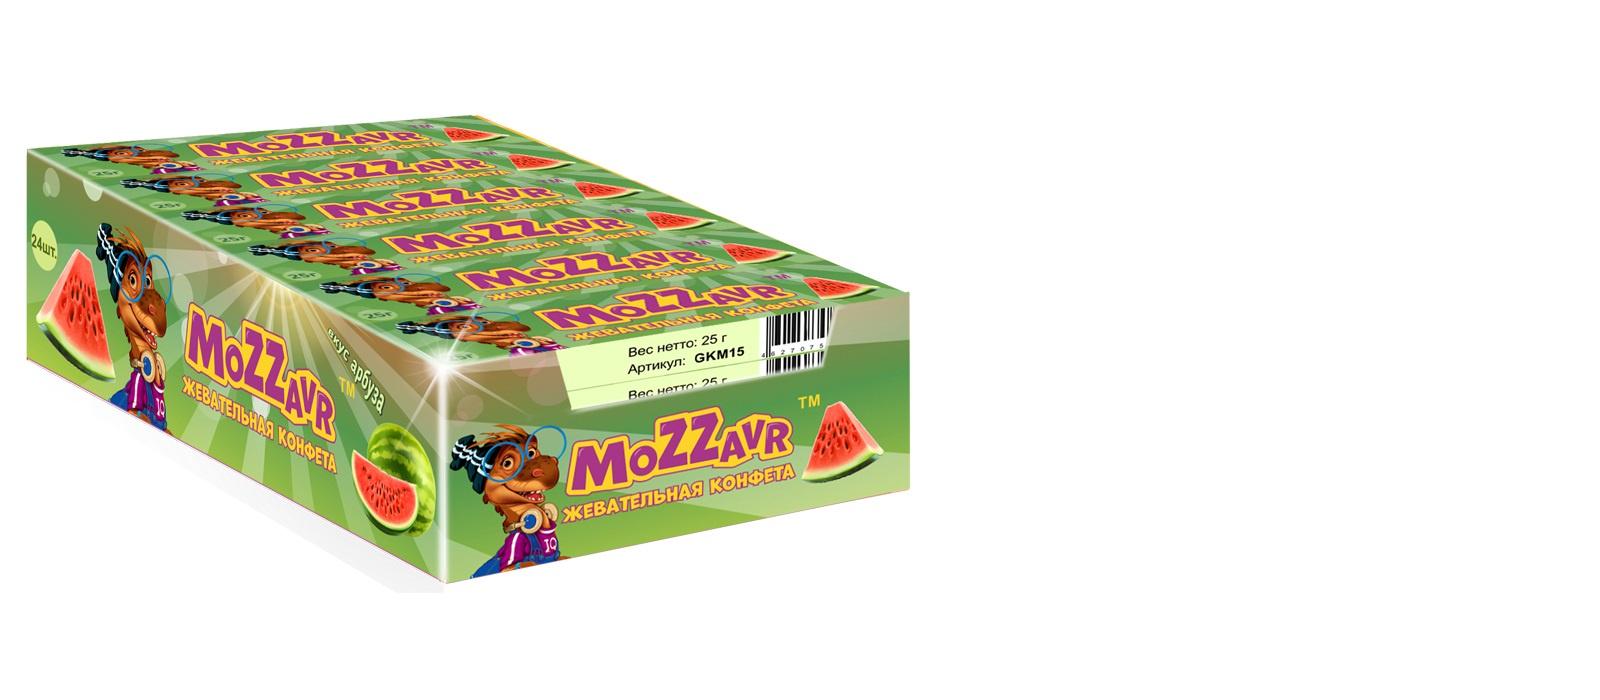 Жевательная конфета Mozzavr,со вкусом арбуза ежедневник коты арбузное удовольствие